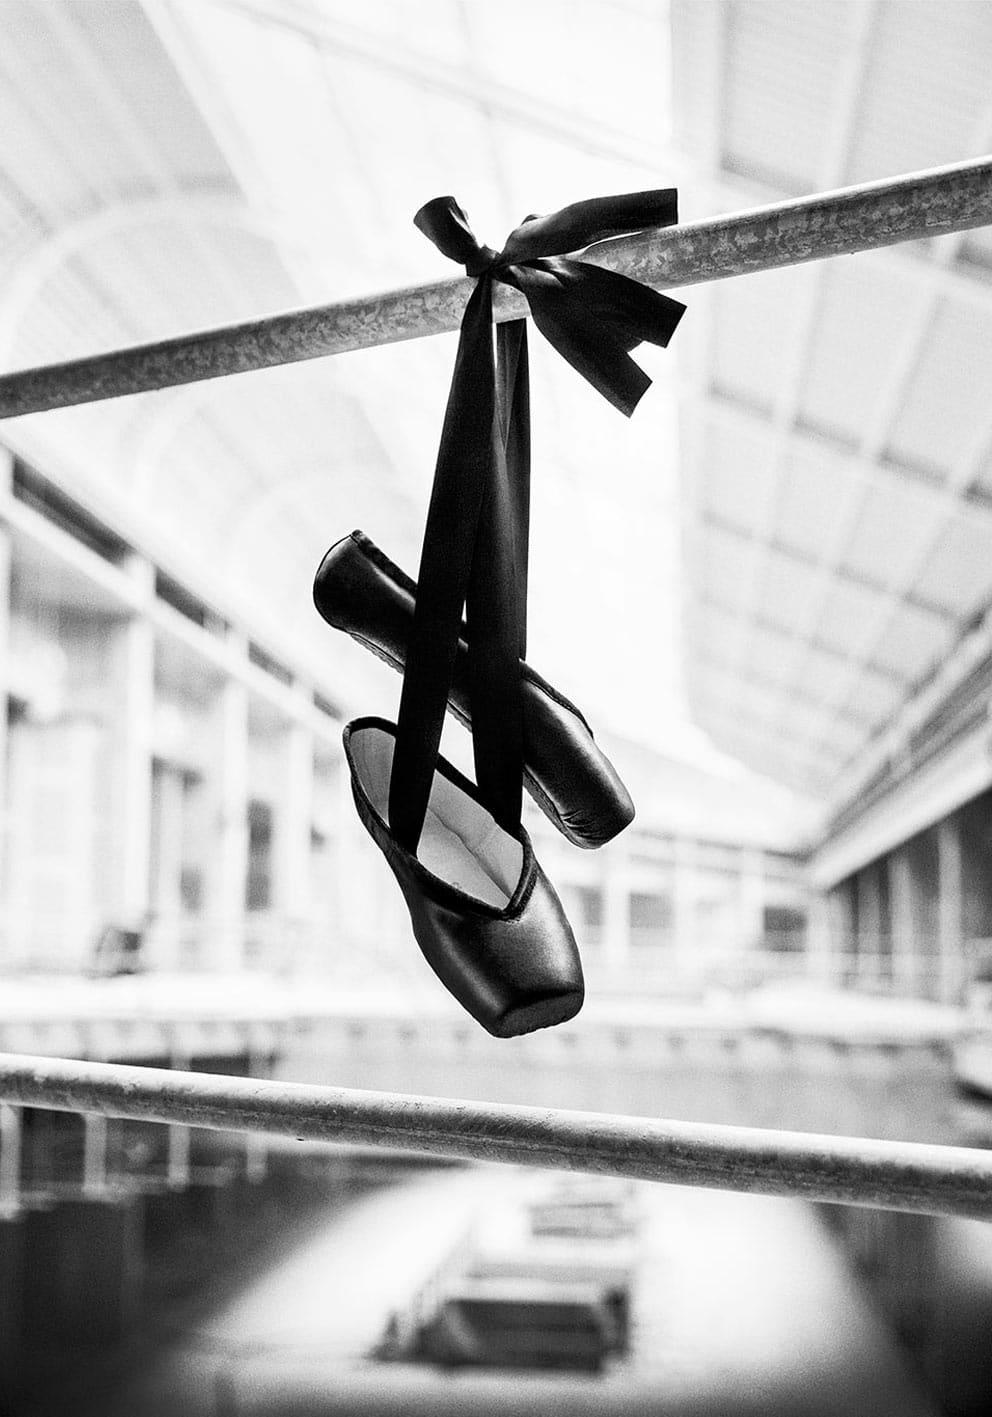 Ballerina #17 fot. Szymon Brodziak